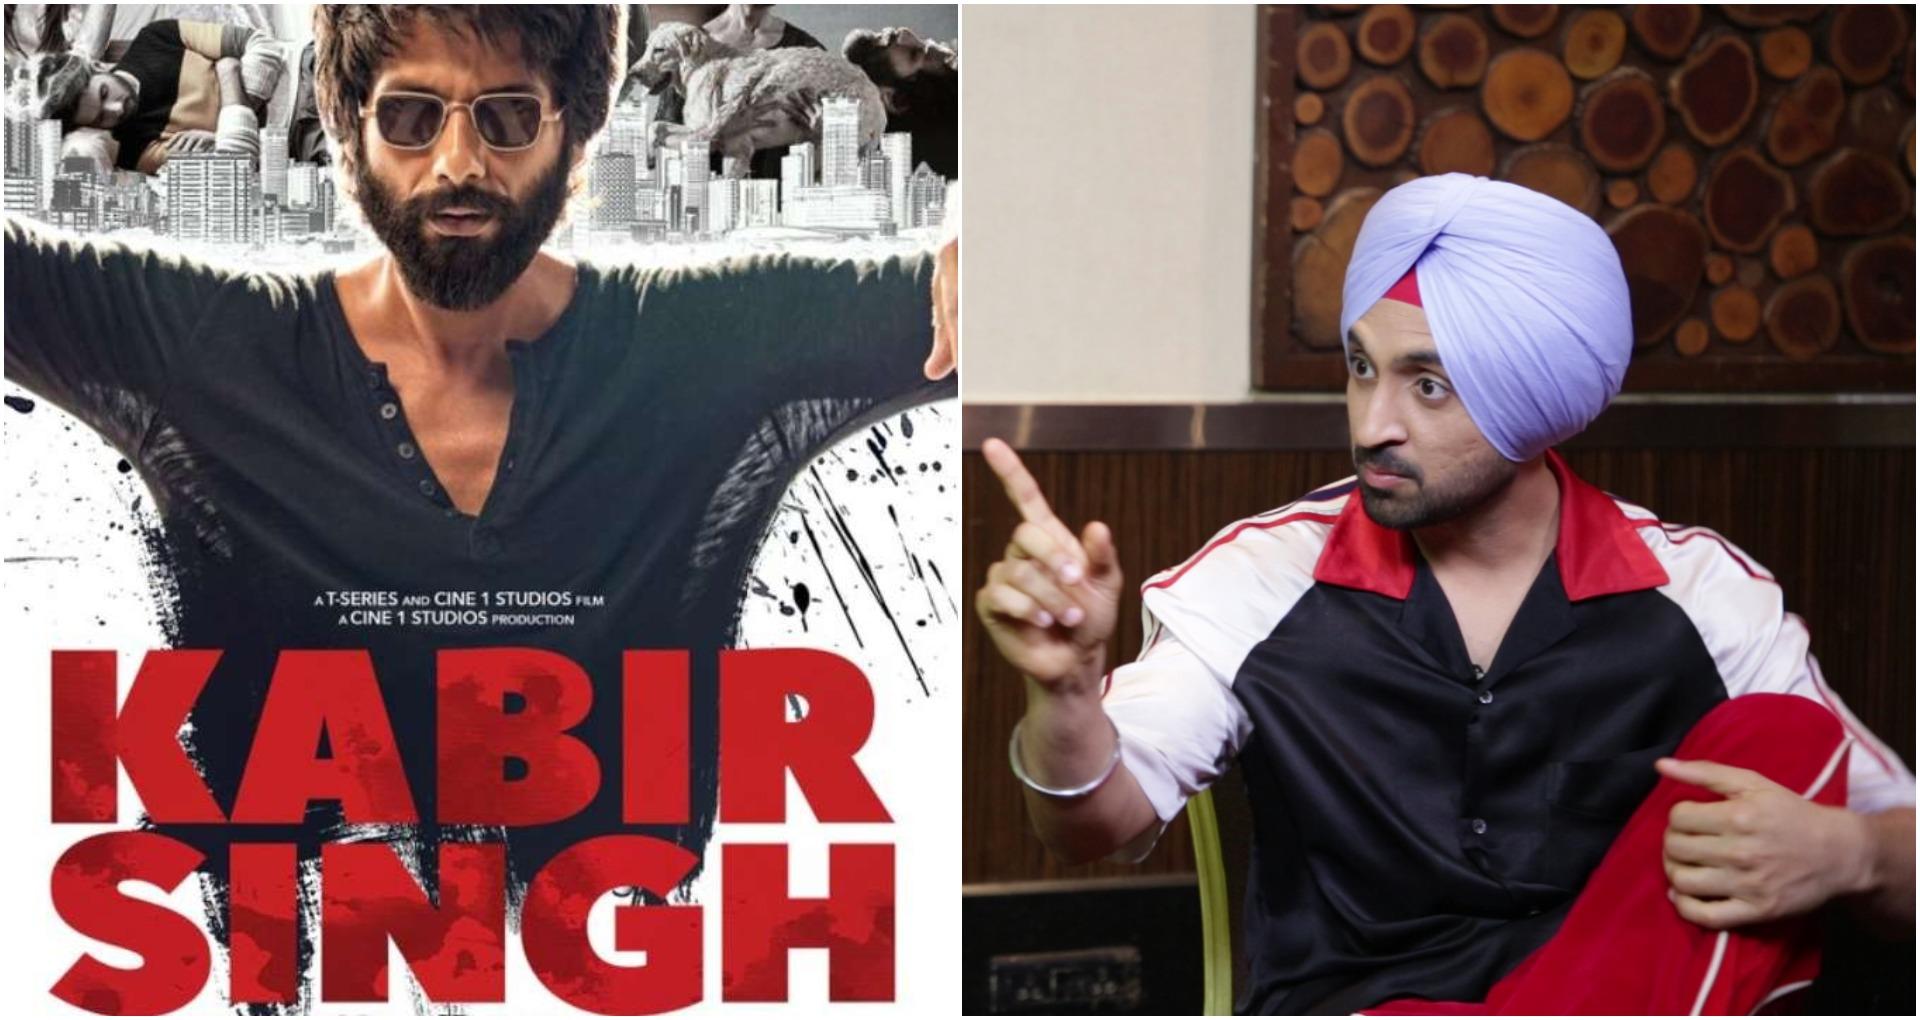 EXCLUSIVE: कबीर सिंह और छड़ा की बॉक्स ऑफिस भिड़ंत, दिलजीत दोसांझ ने कहा- पंजाबी फिल्मों को स्क्रीन्स नहीं मिलते